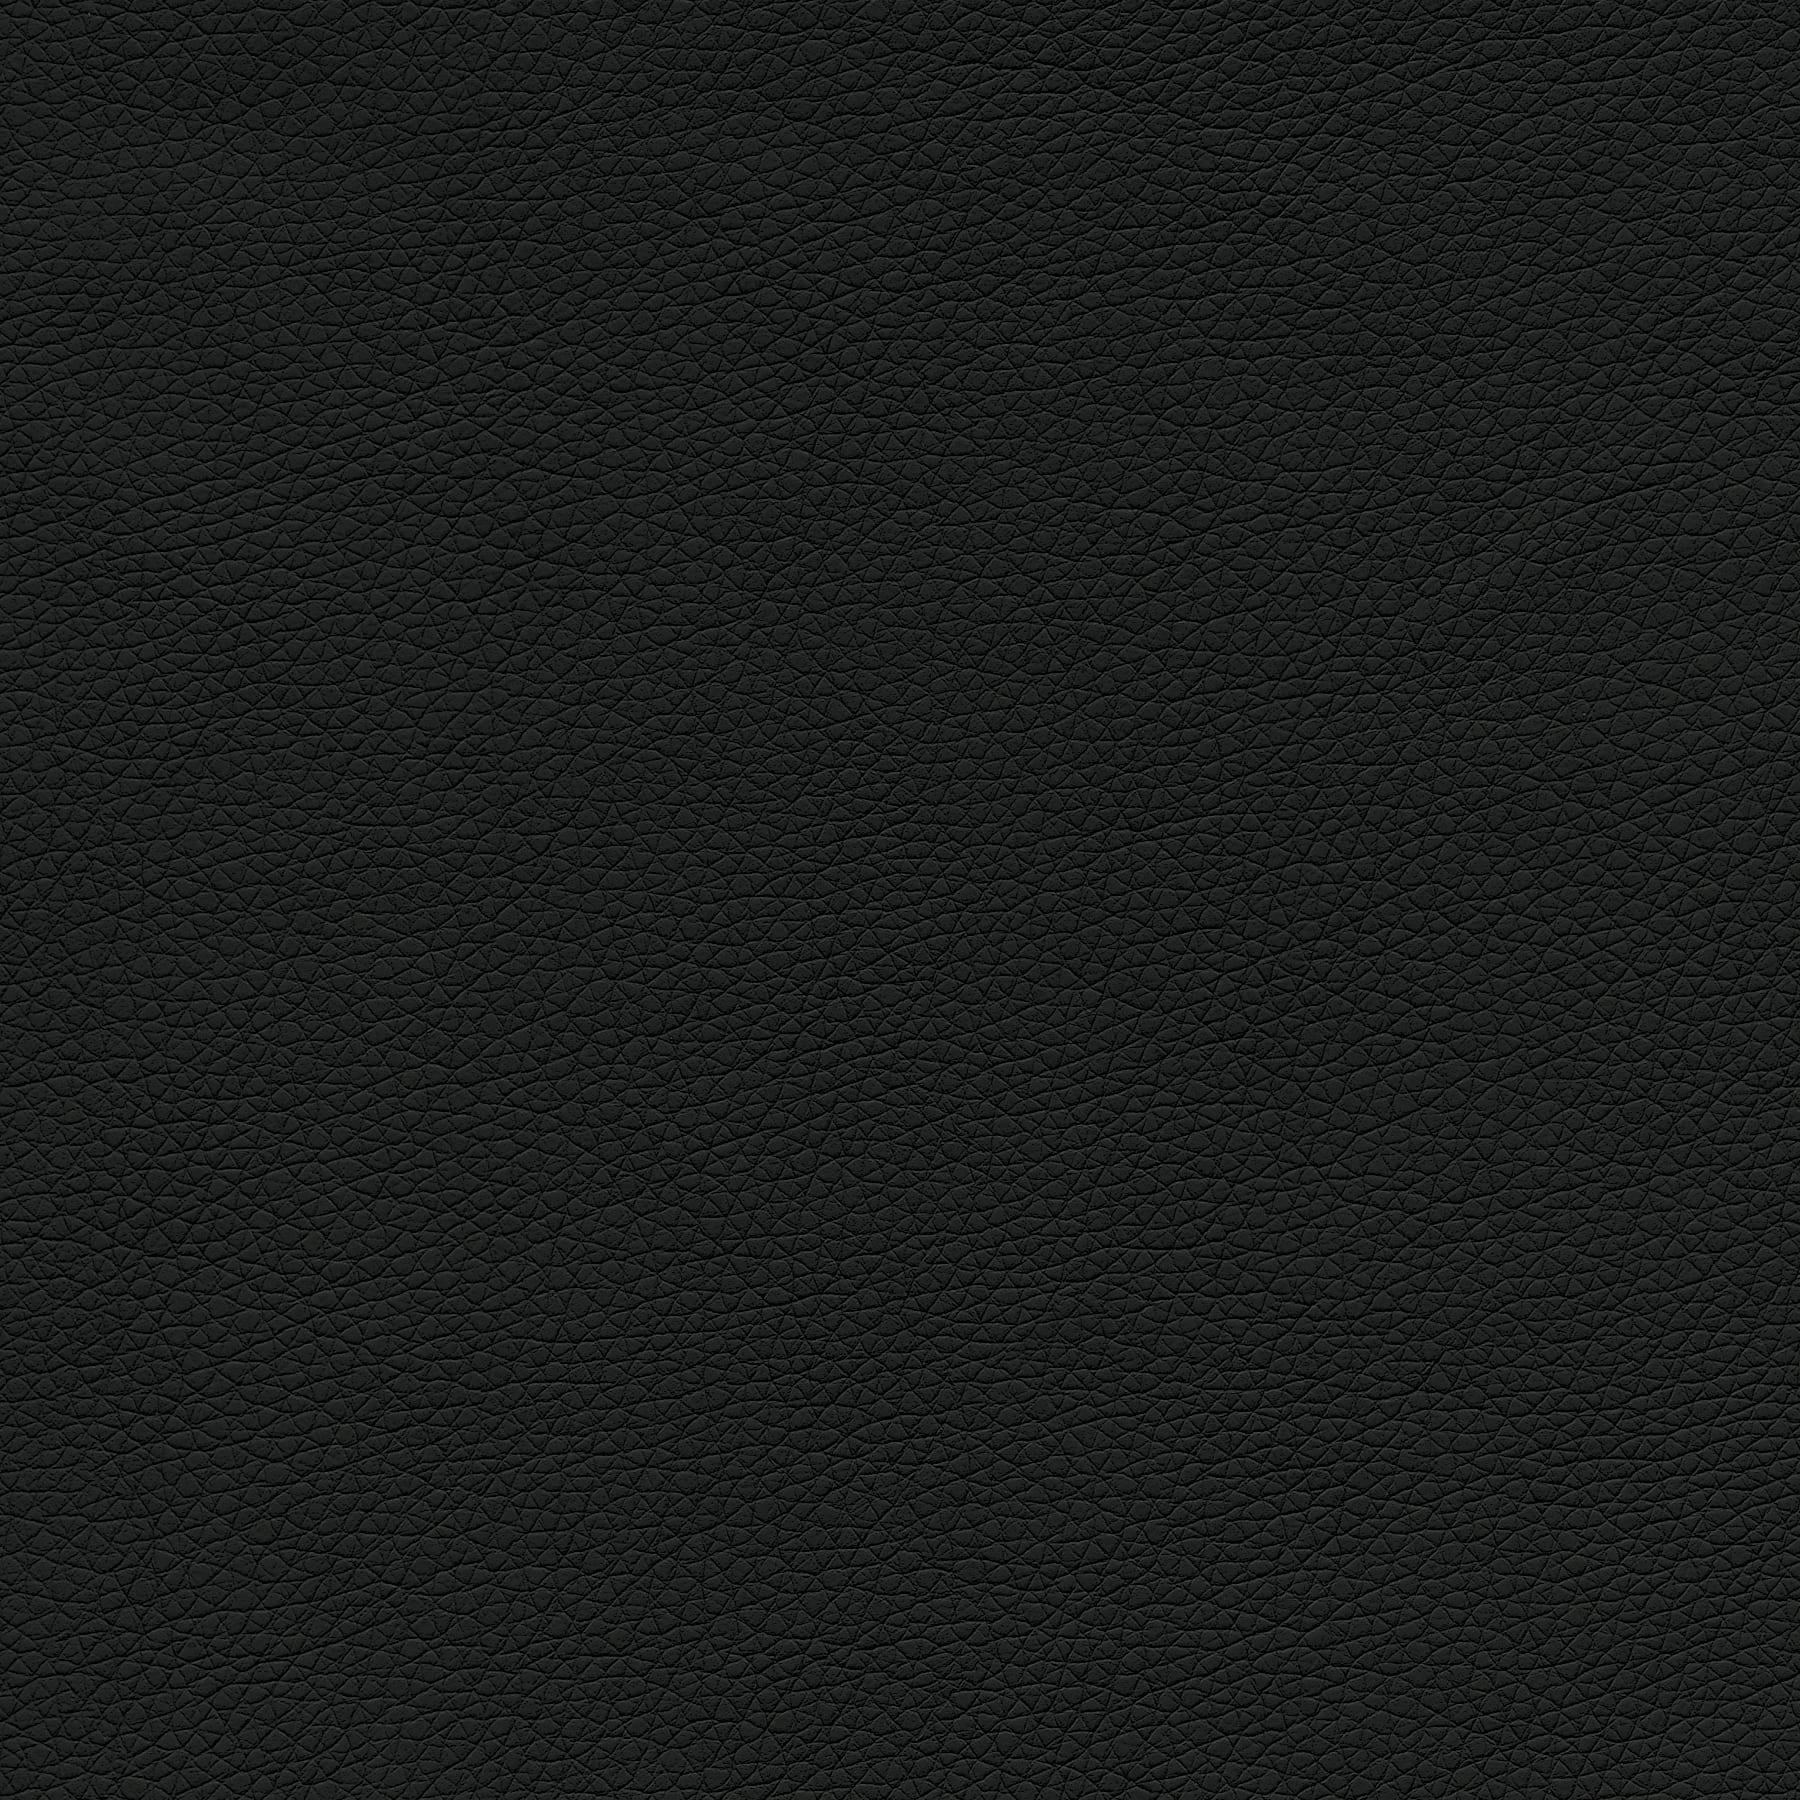 Contourett-black